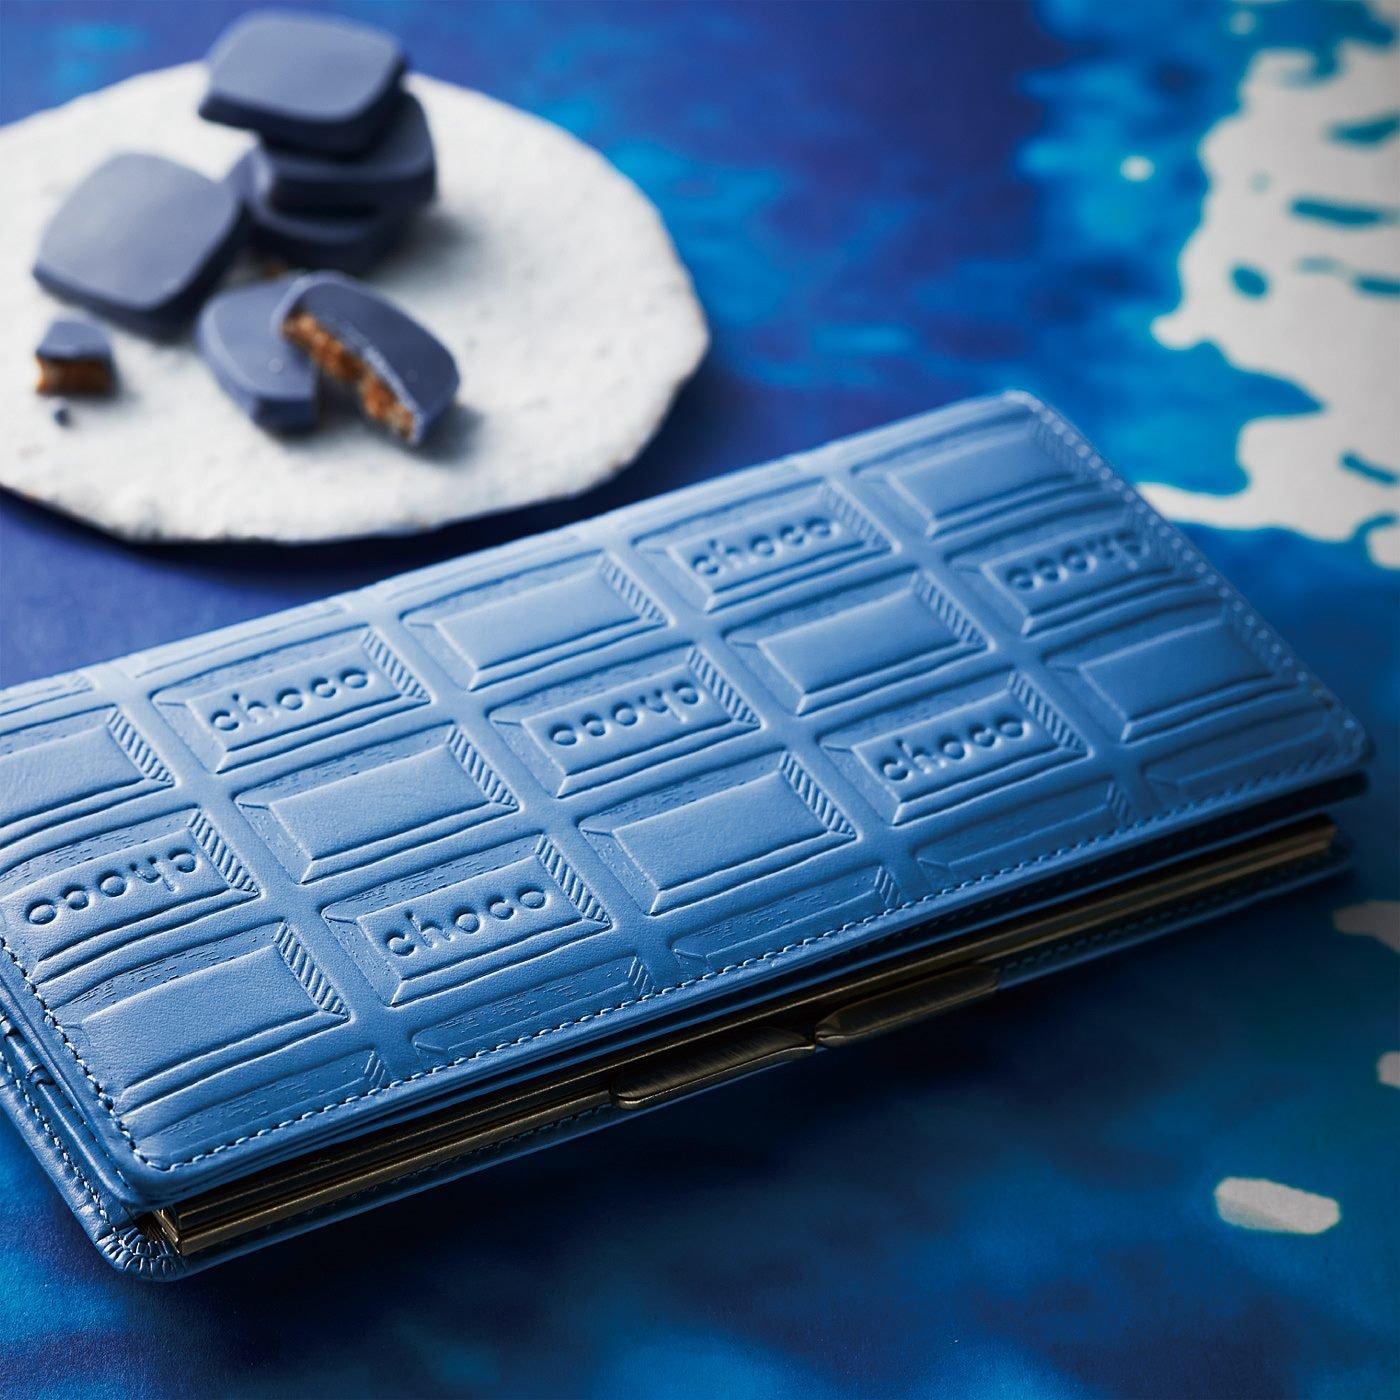 【3月お届け・雑貨便】職人本革のがま口付き板チョコ長財布〈エクセレントブルー〉